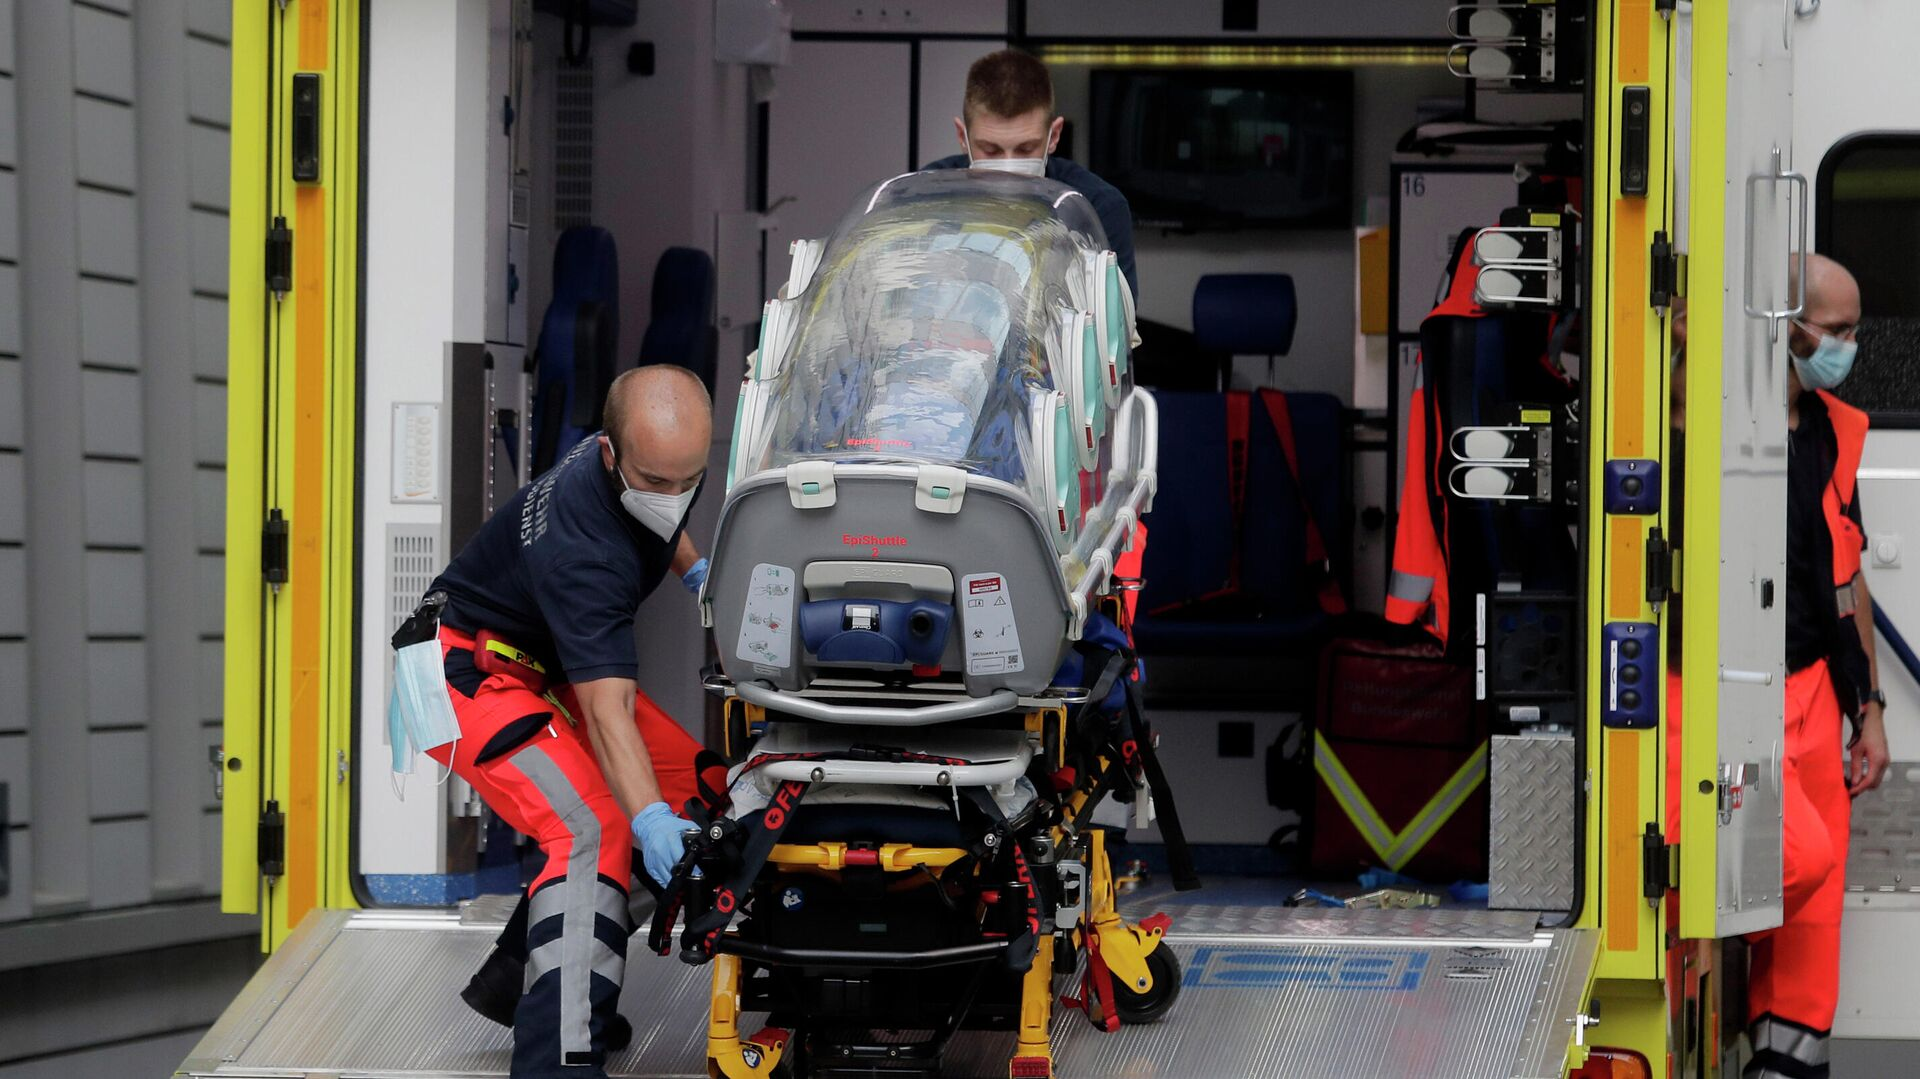 Экипаж скорой помощи, на котором, предположительно, был доставлен в клинику Шарите в Берлине Алексей Навальный - РИА Новости, 1920, 14.09.2020